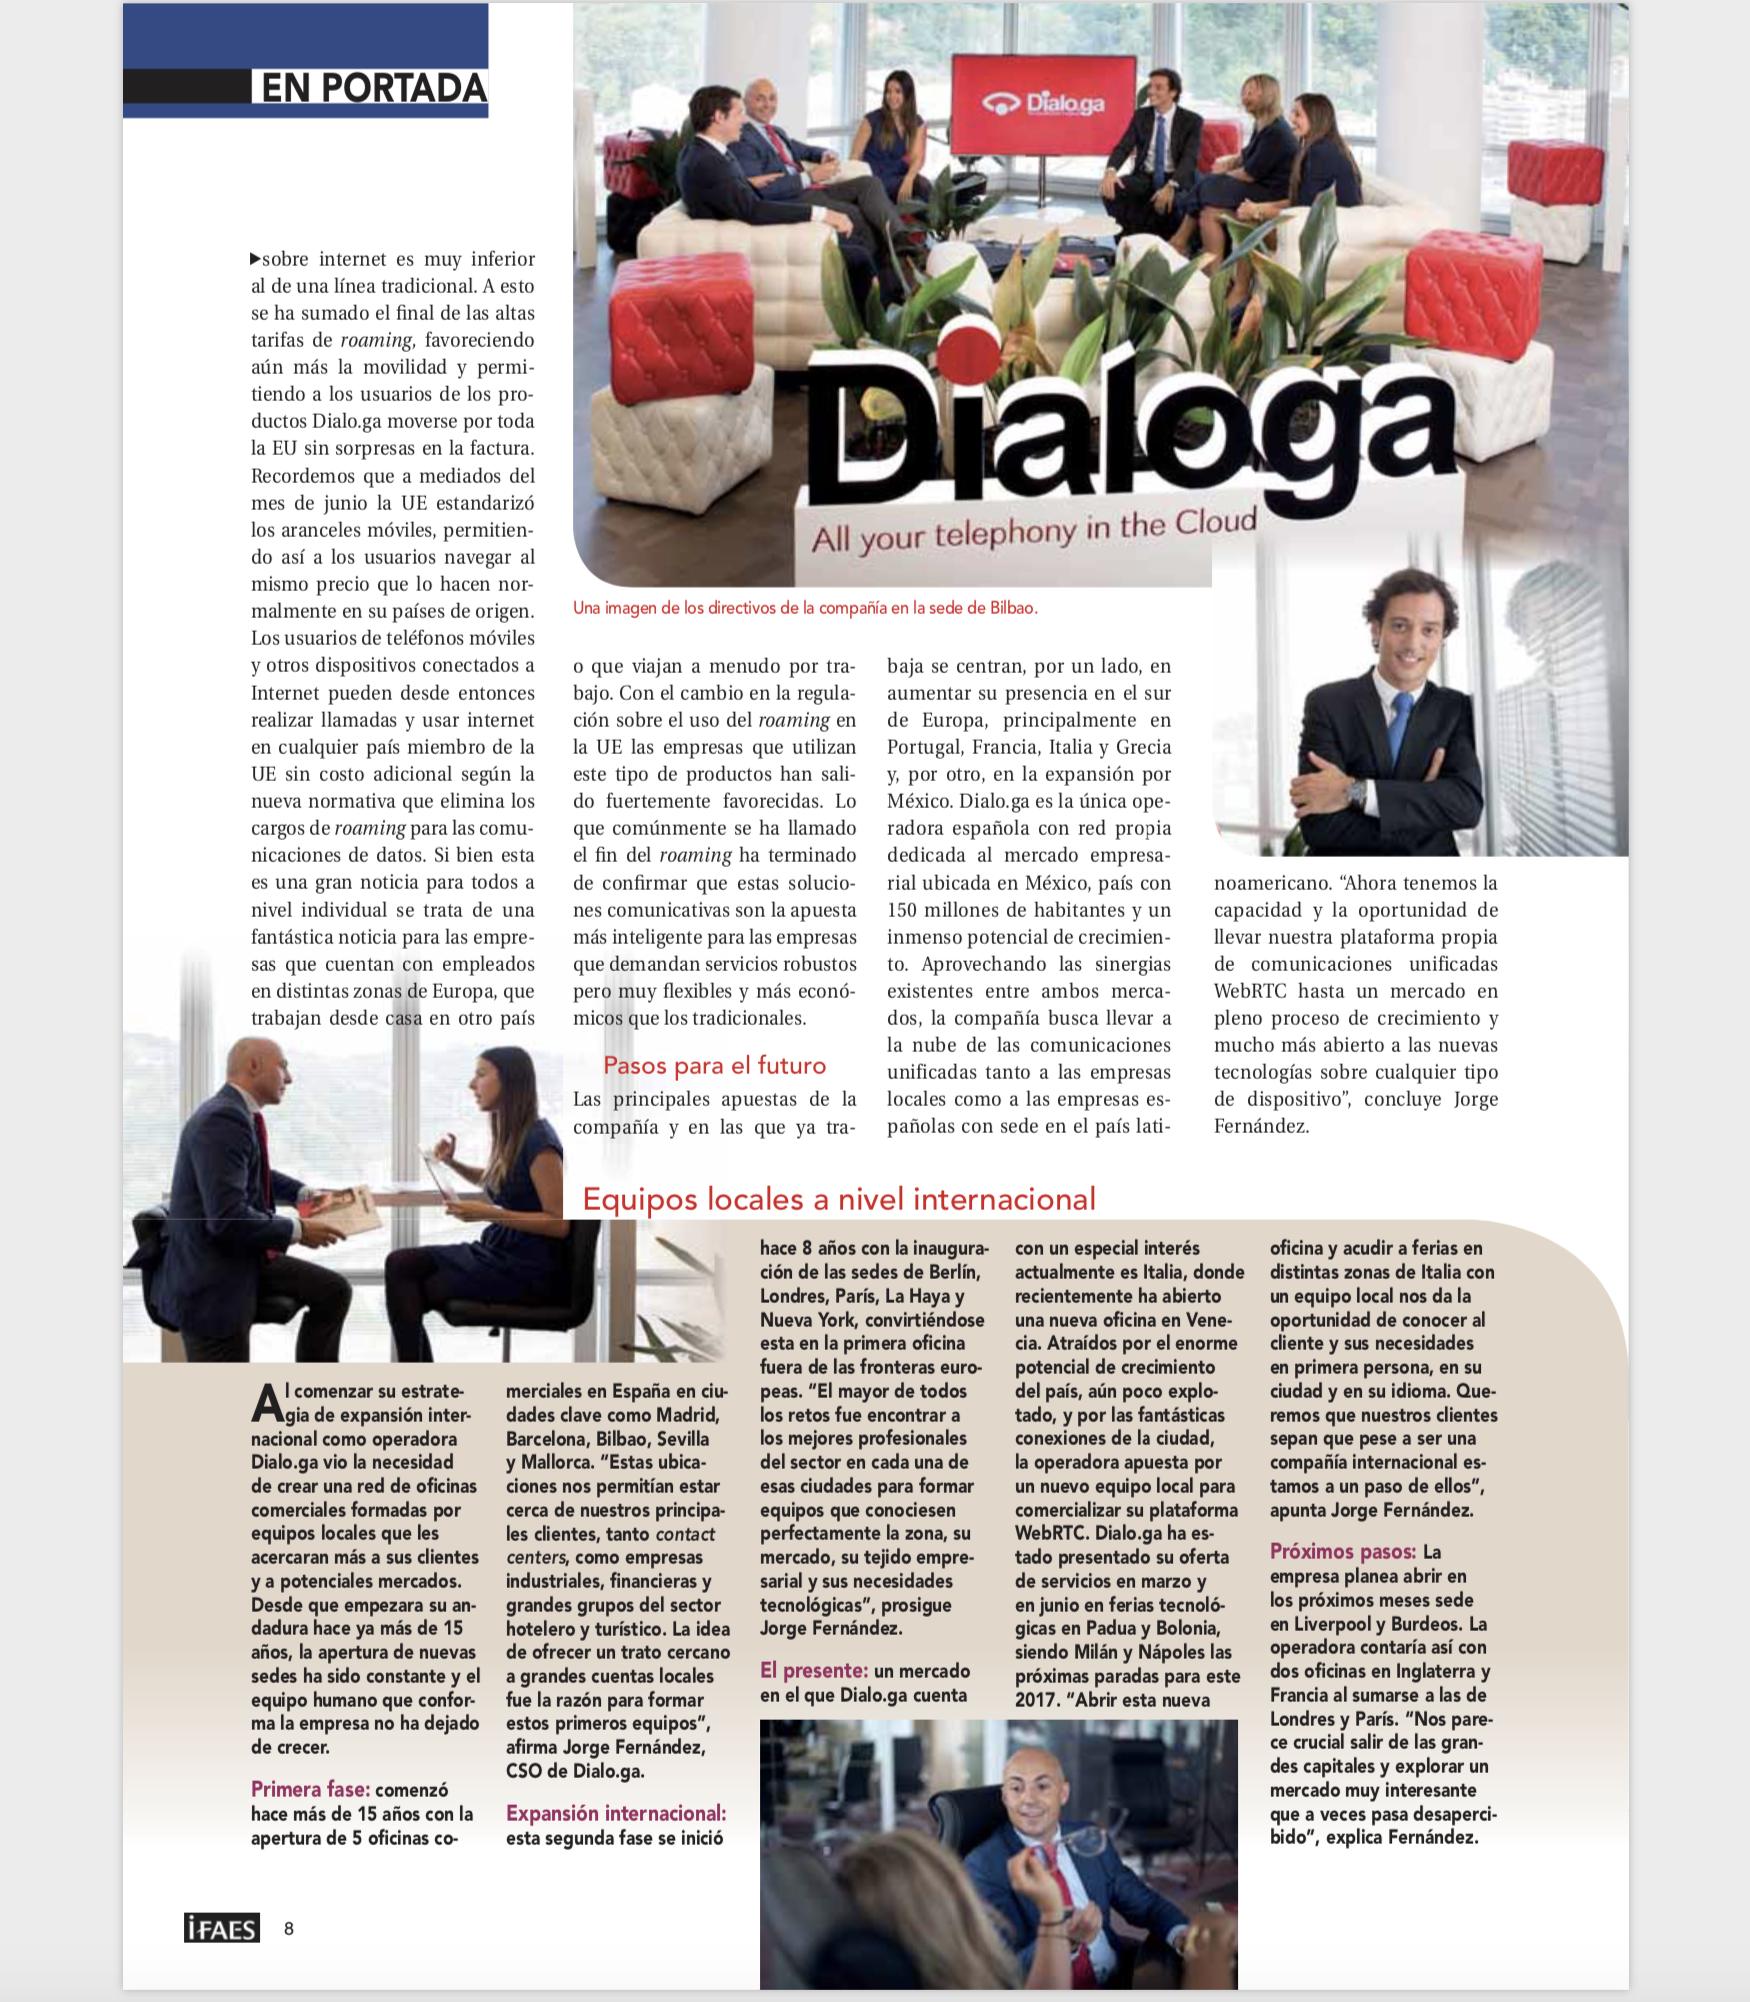 Ifaes Dialoga Group Bilbao Torre Iberdrola Fotografia corporativa naroa fernandez fotografia empresa